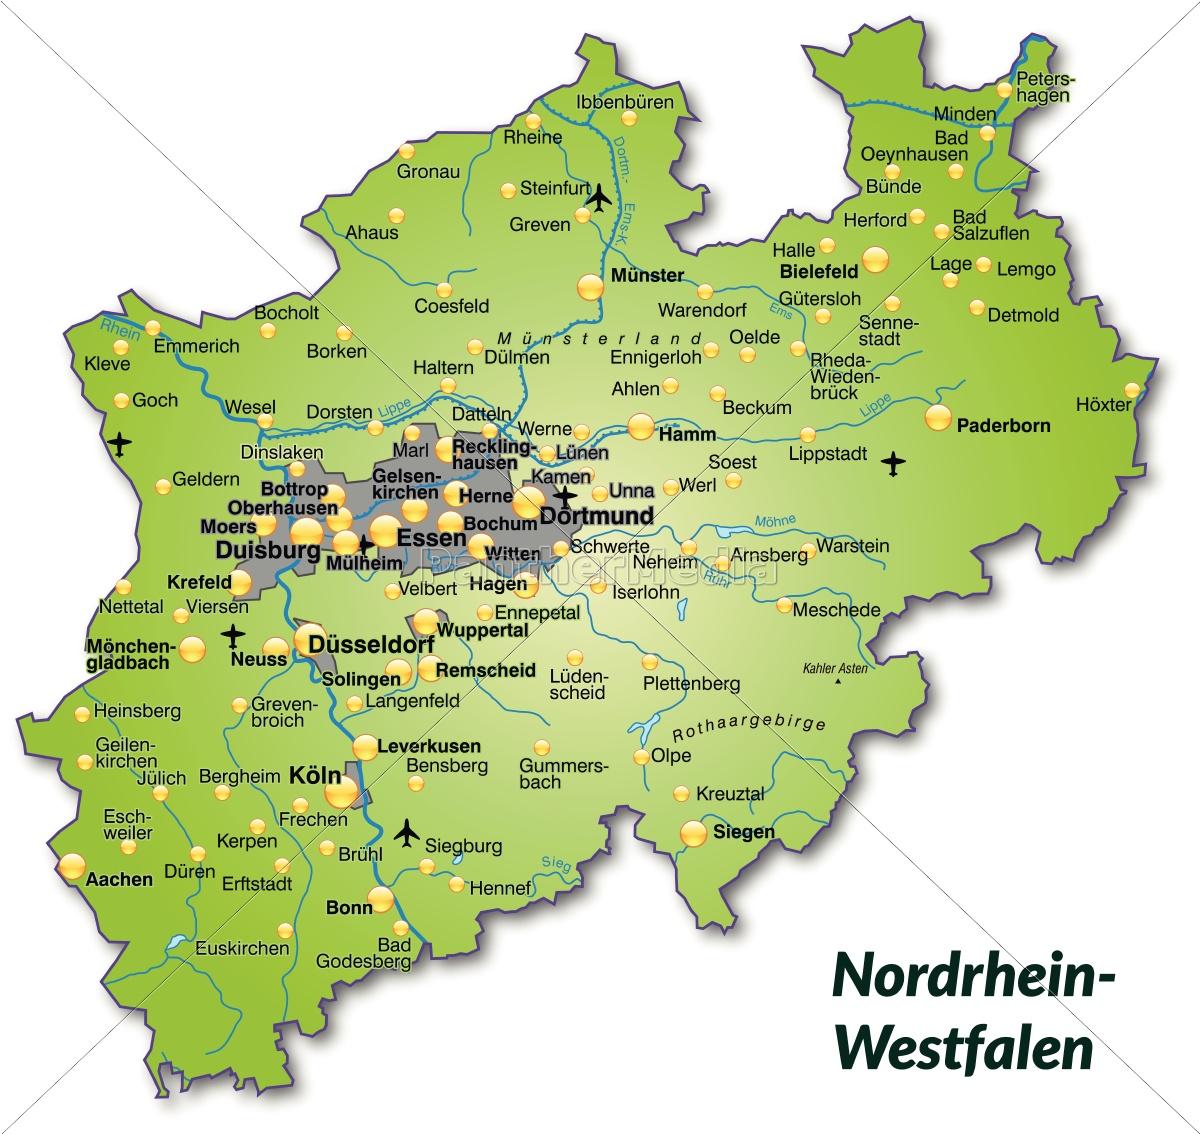 nordrhein-westfalen karte Karte von Nordrhein Westfalen als Übersichtskarte in